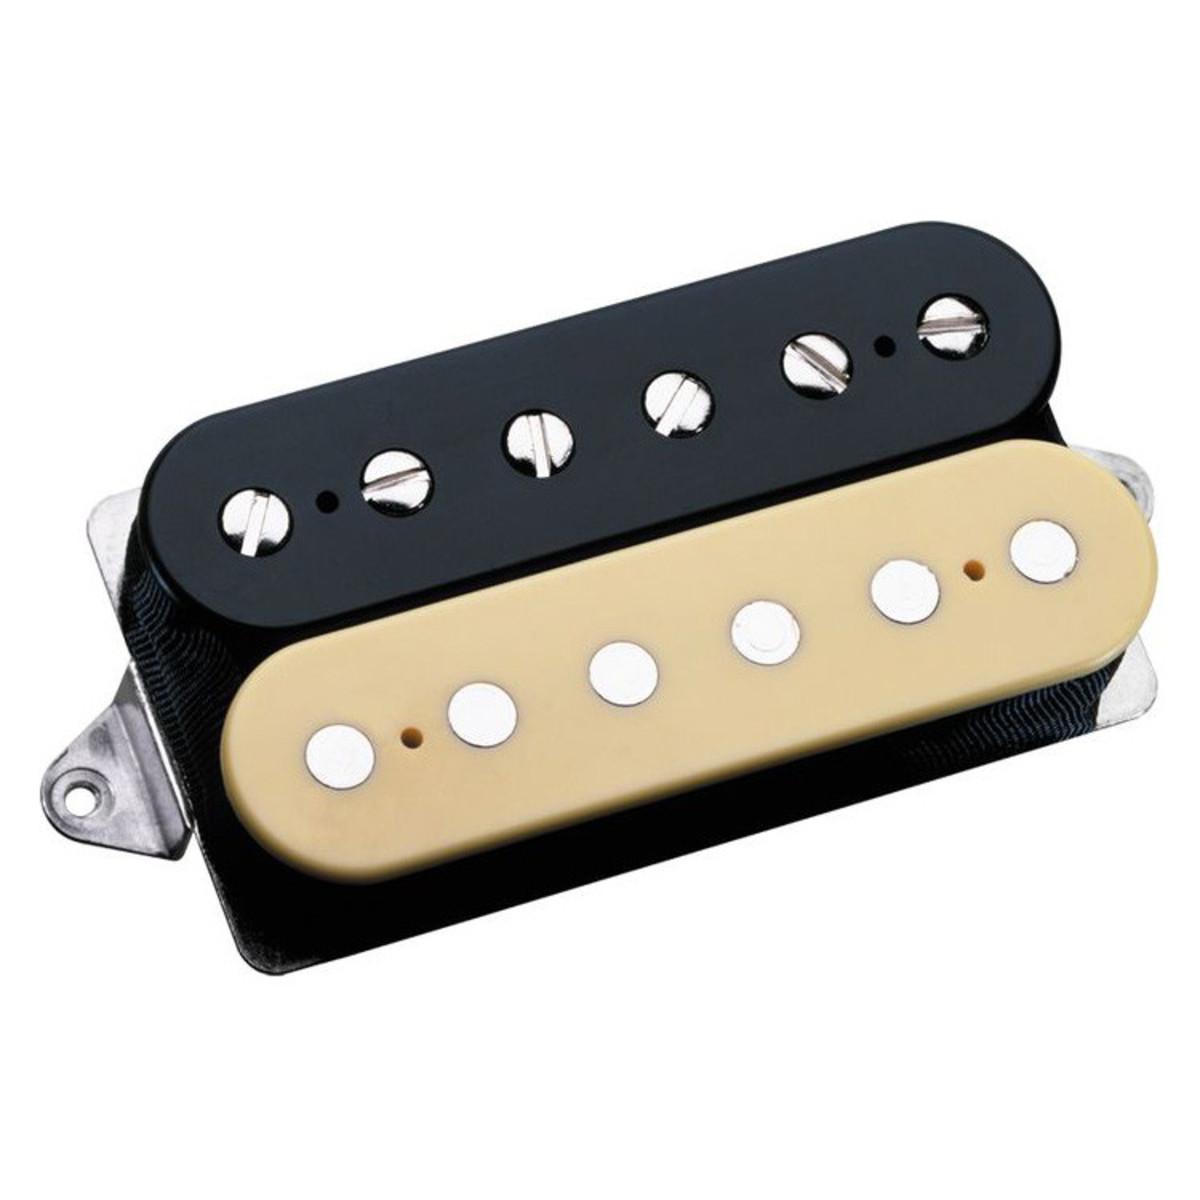 Schema Collegamento Humbucker Di Marzio : Dimarzio dp155 the tone zone humbucker guitar pickup black cream